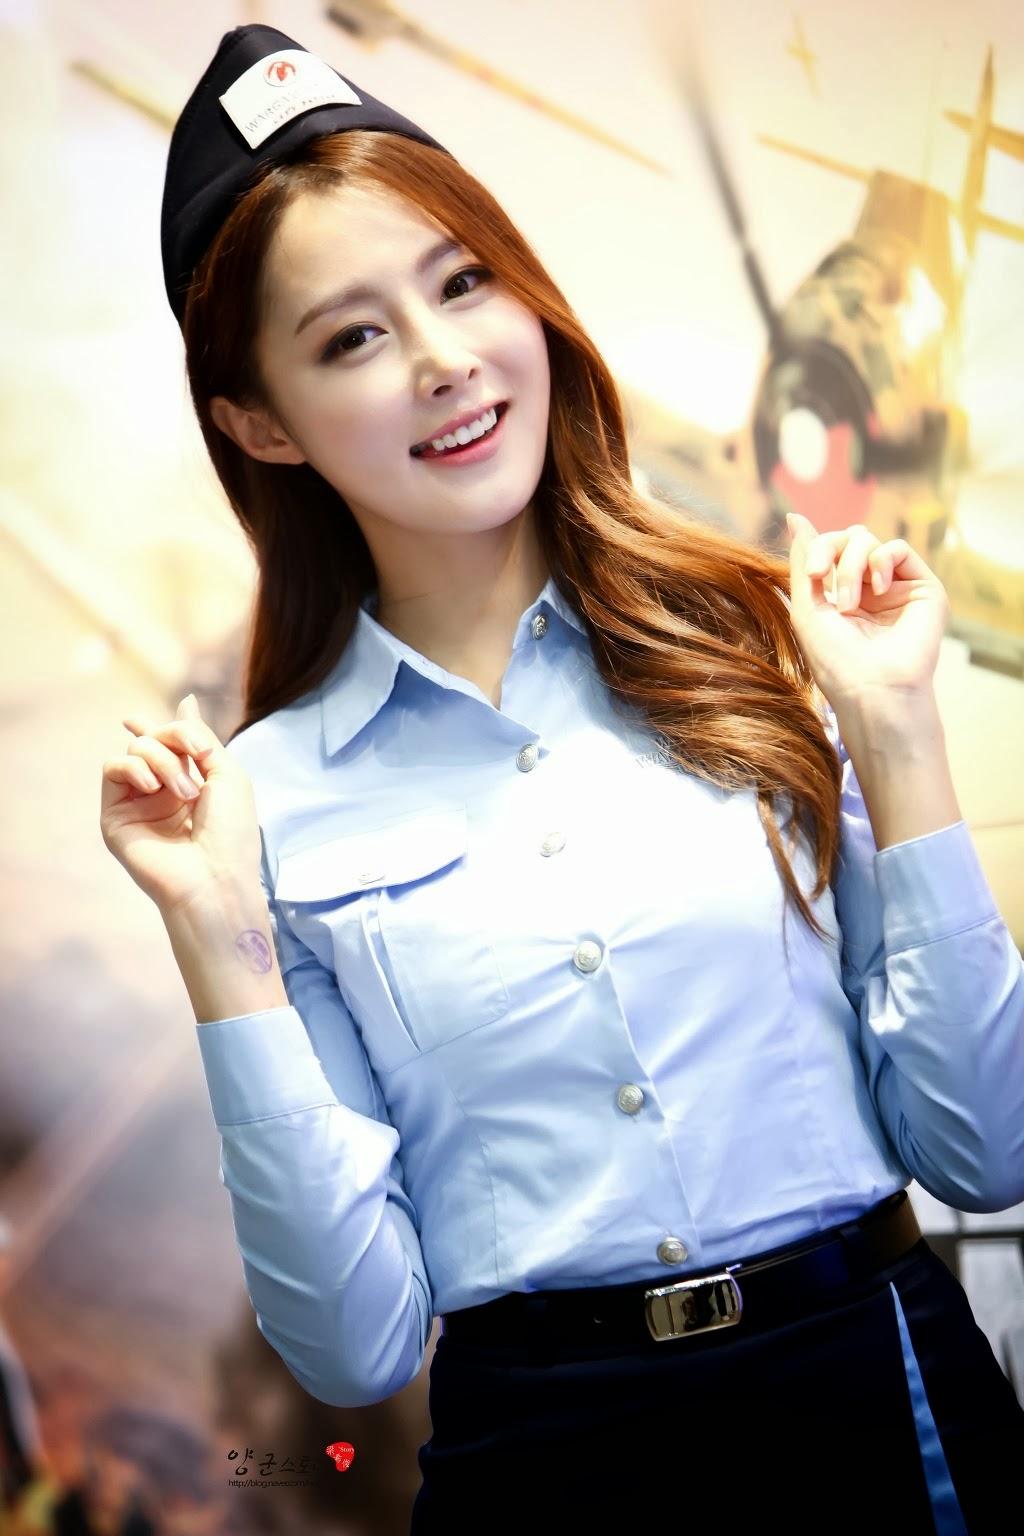 Cute Girls: Asian Girl